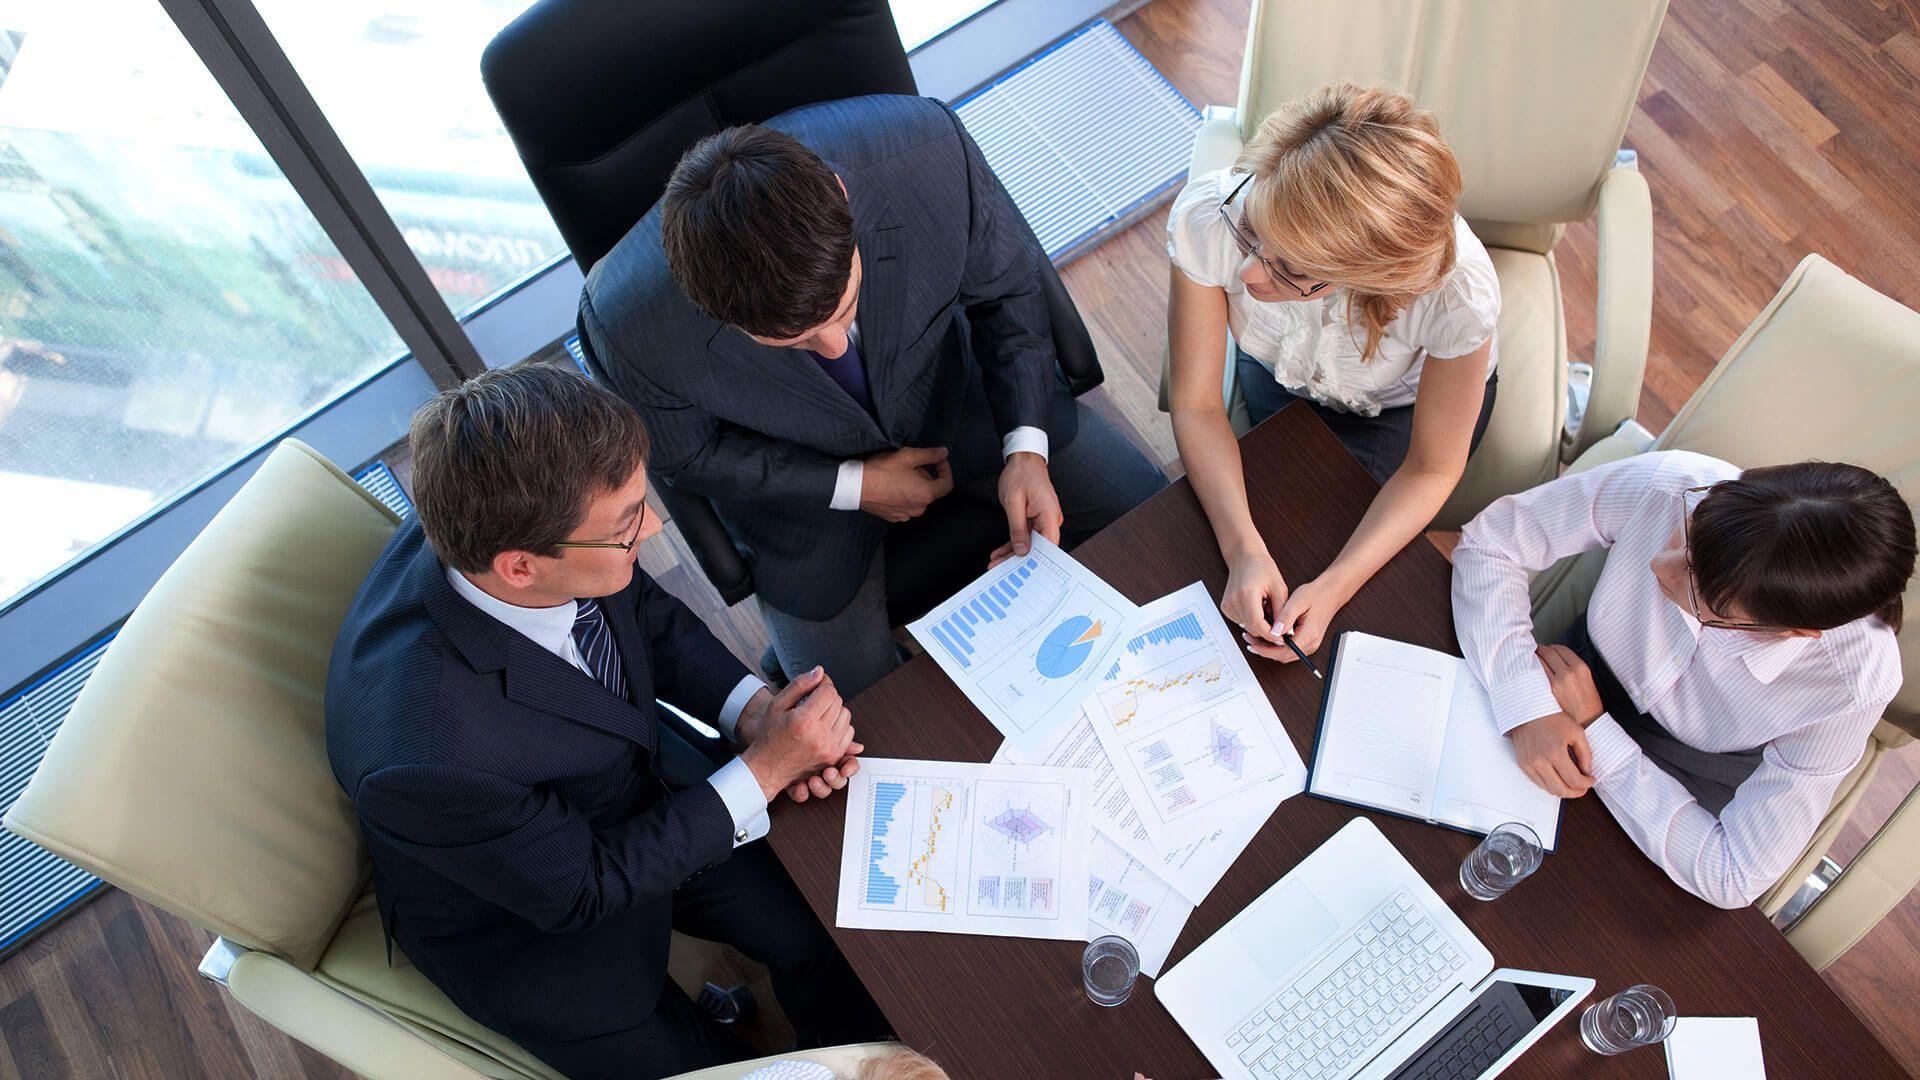 migliore consulente aziendale in Italia e migliore Business Coach secondo Amazon per numero e qualità delle pubblicazioni